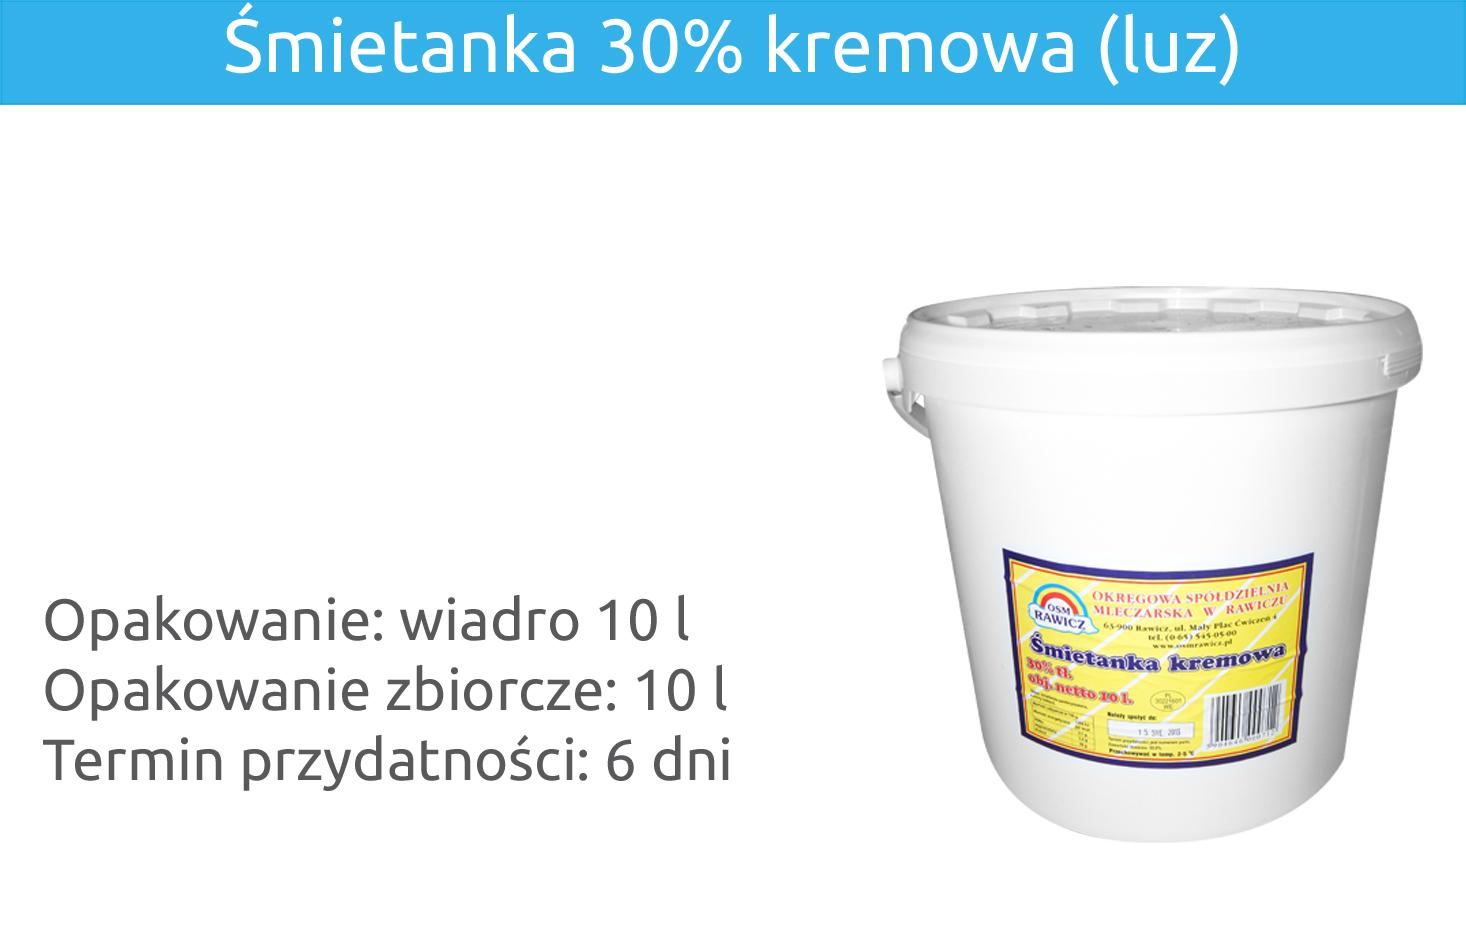 Śmietanka 30% kremowa (luz)